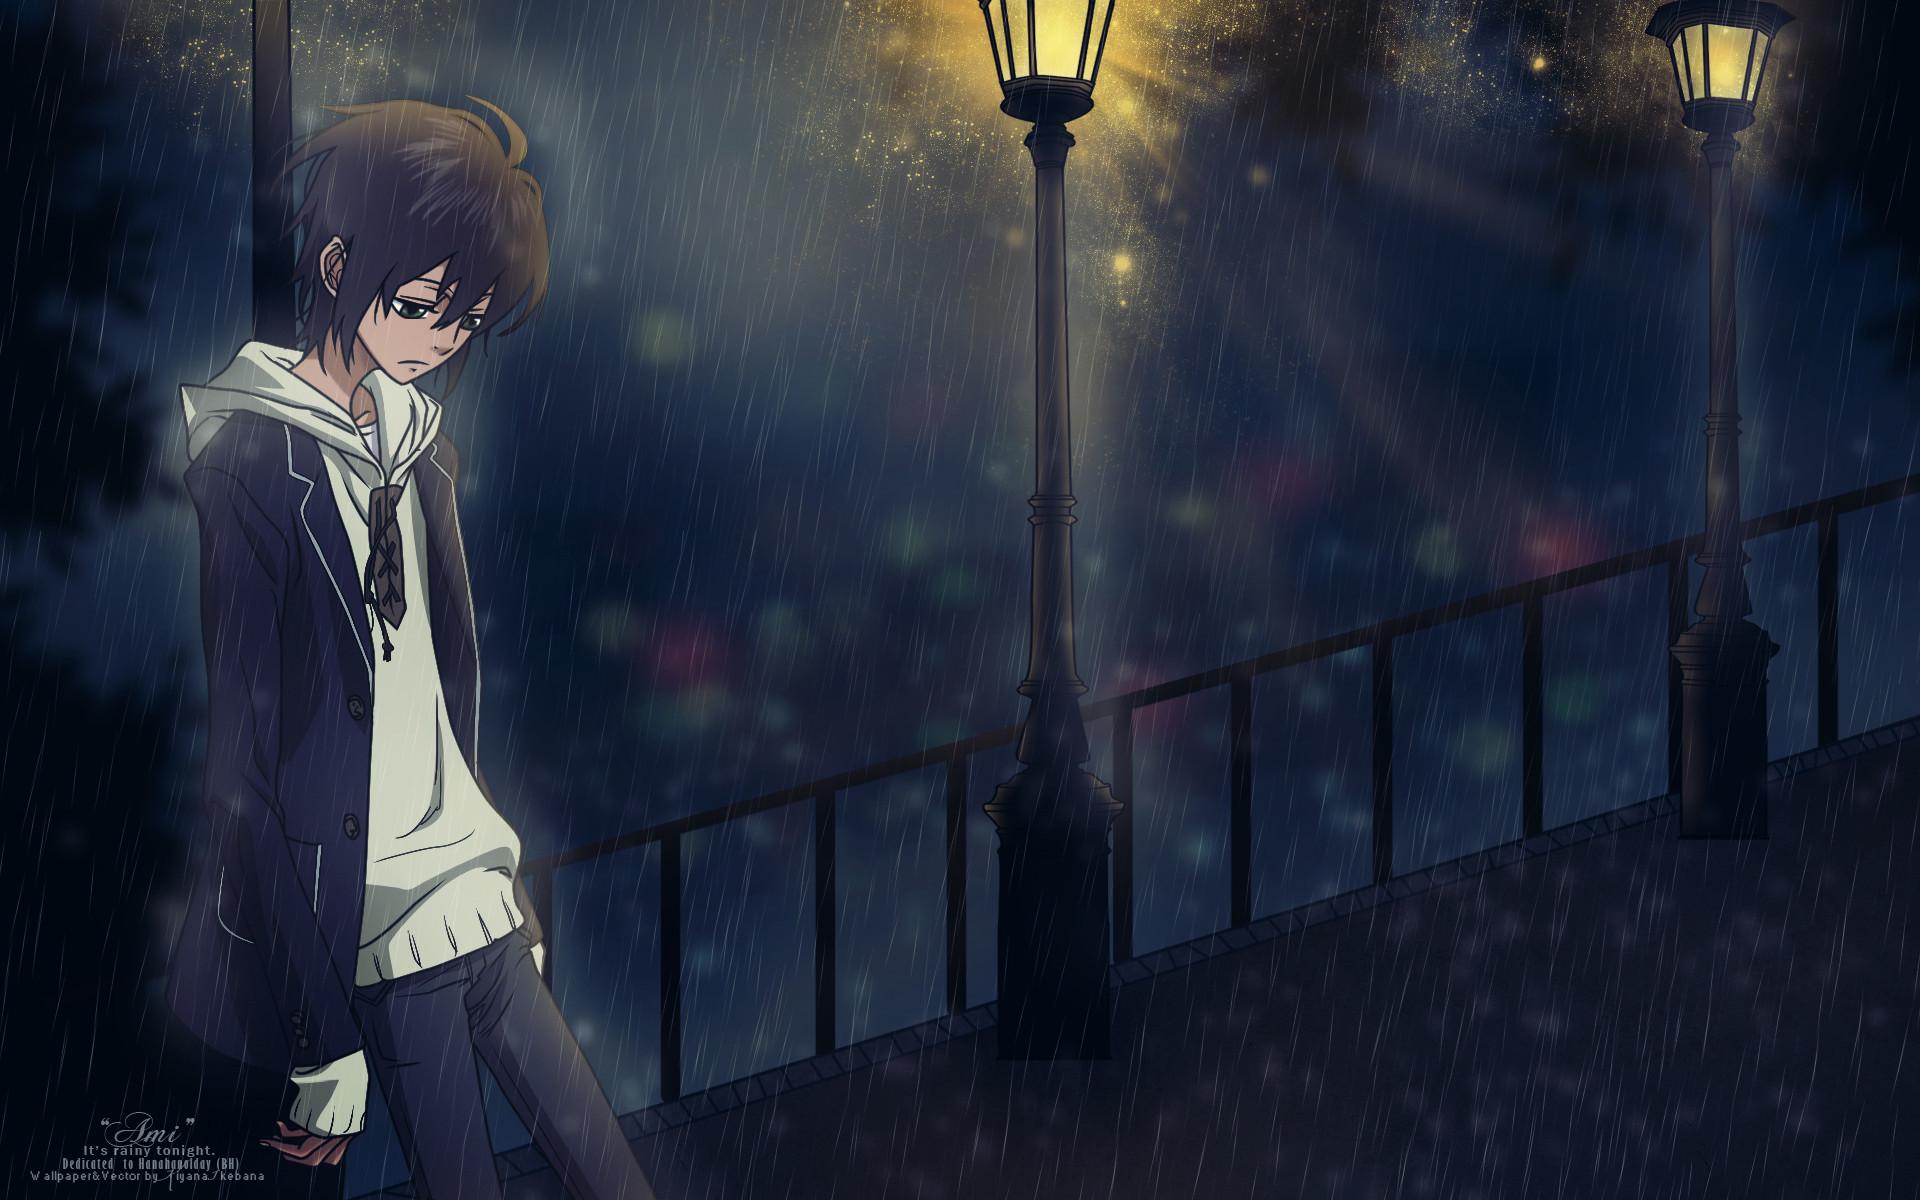 Crying Girl Wallpapers Rain Sad Anime Boy Wallpaper 183 ①